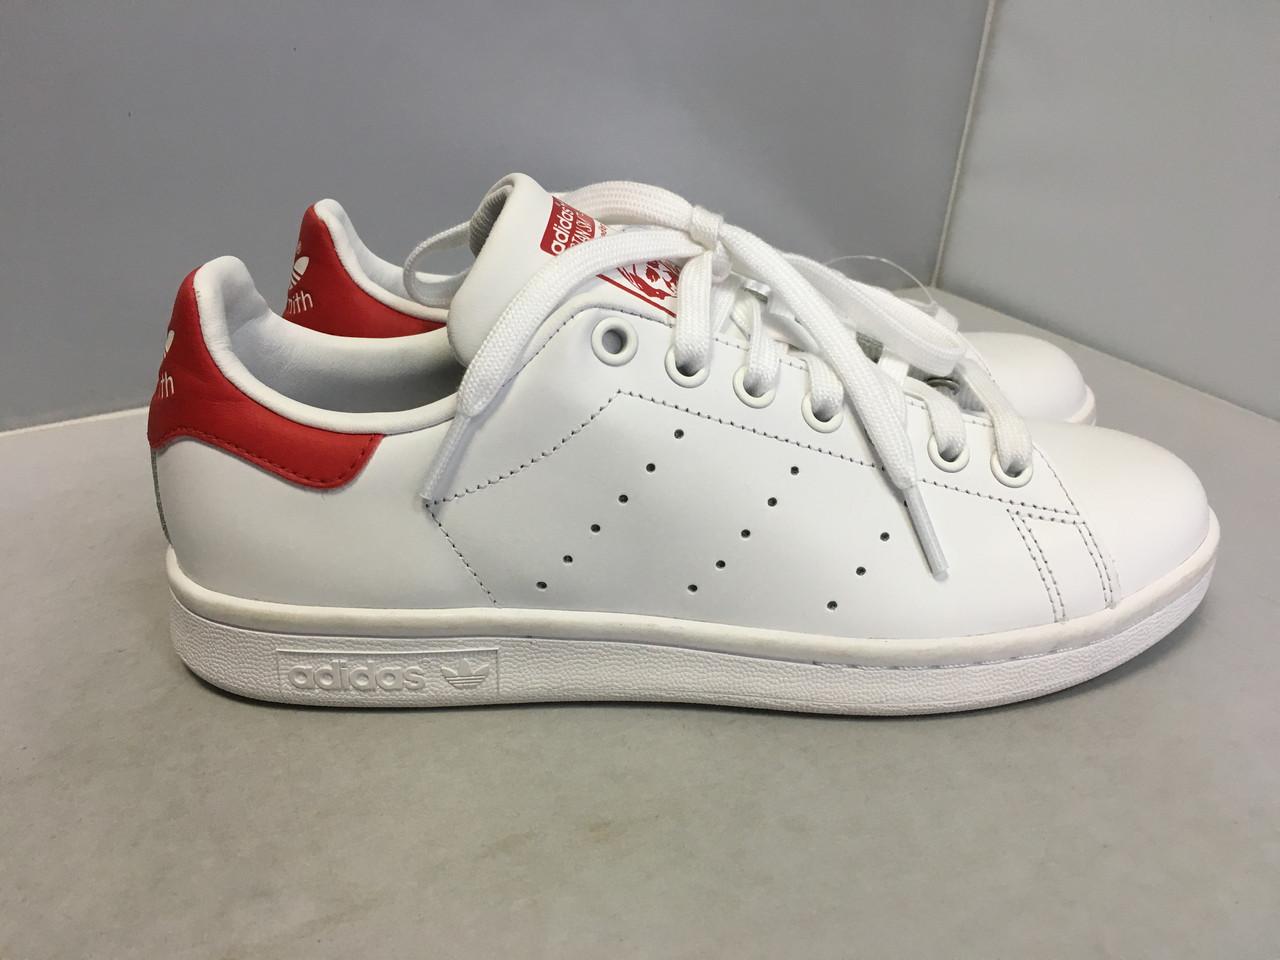 Женские кроссовки Adidas Stan Smith, 38,5 размер